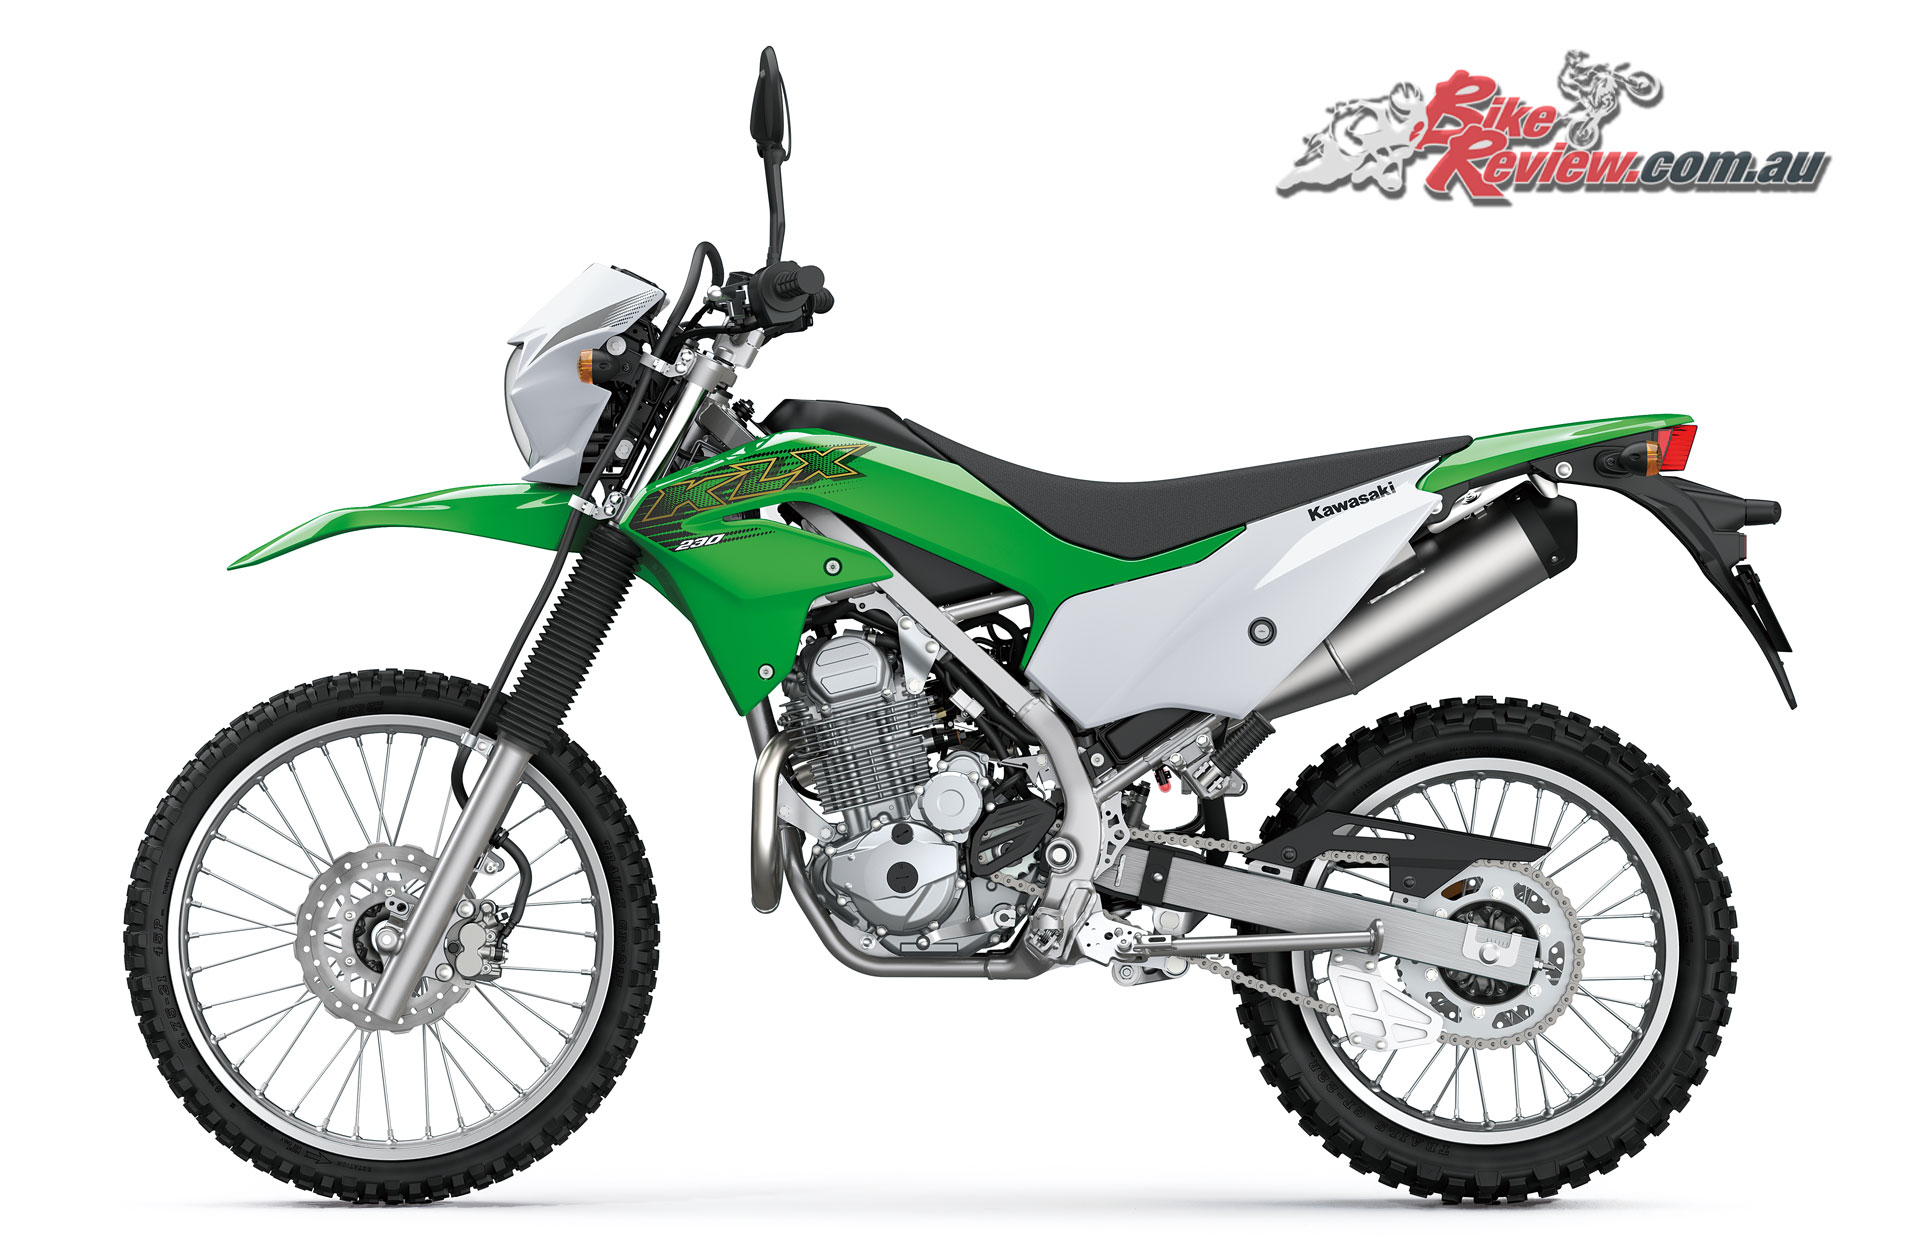 2019 Kawasaki KLX230 with Kawasaki KX styling